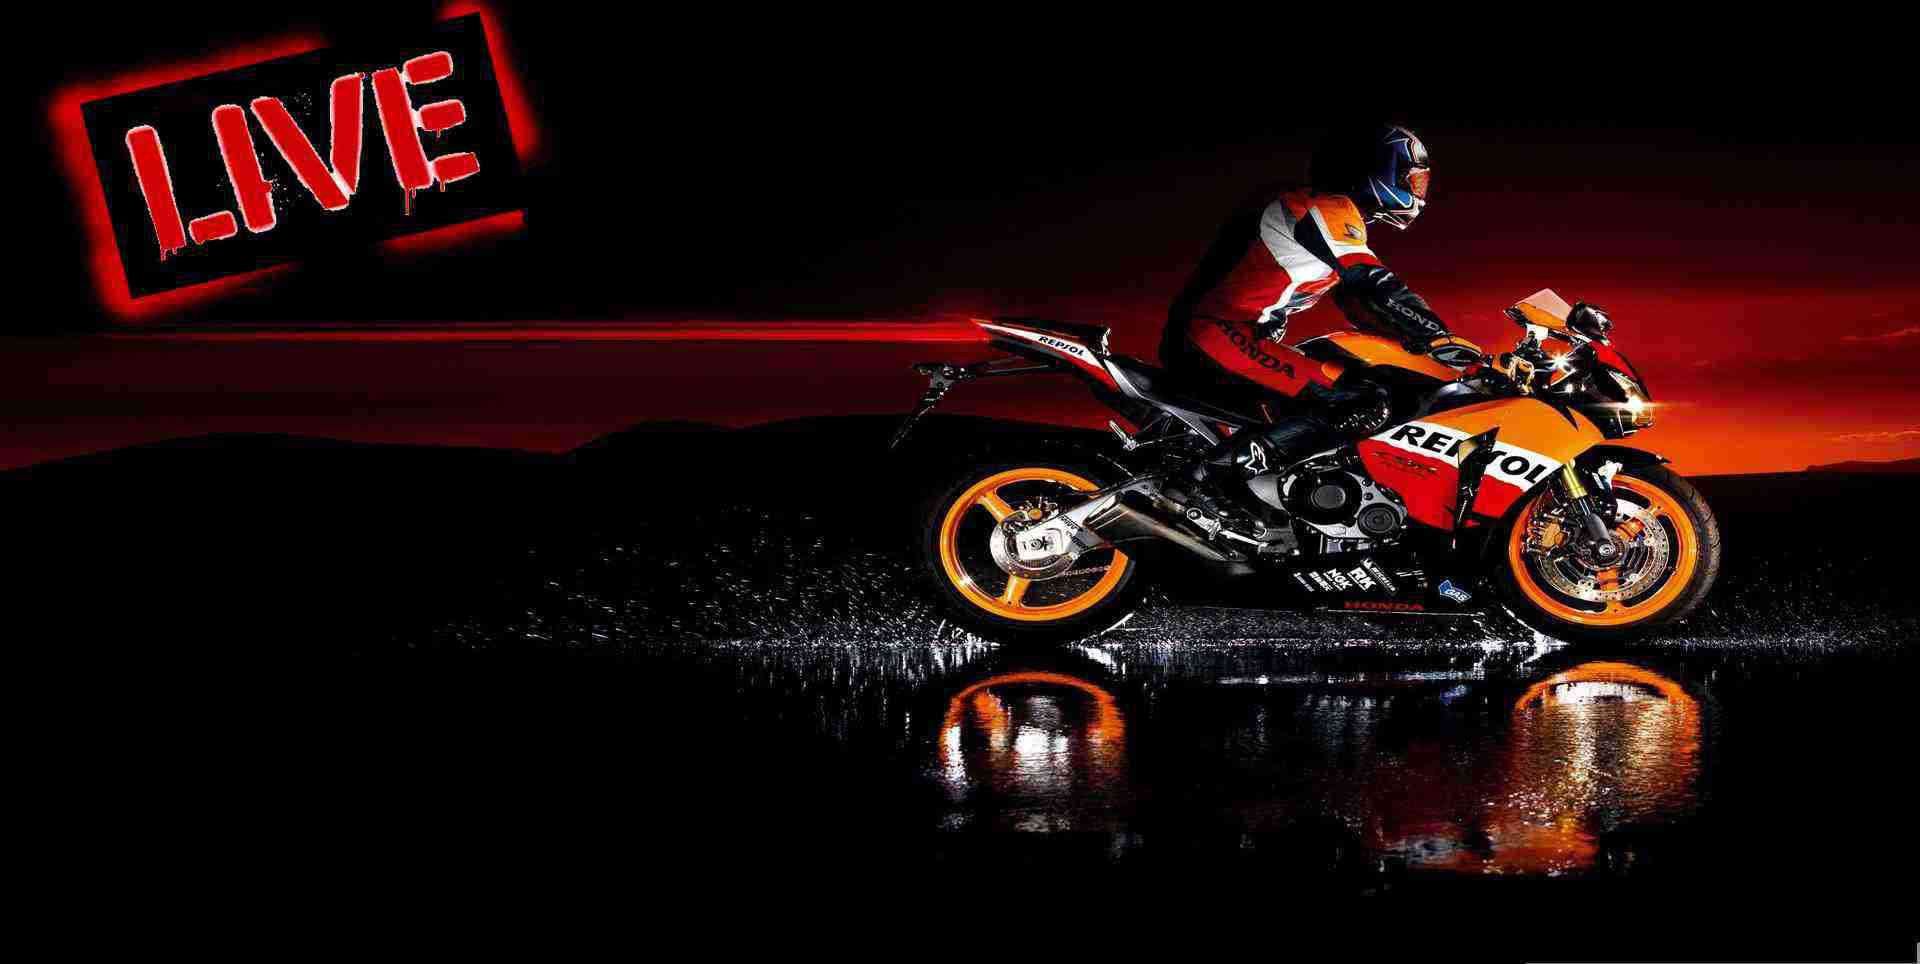 2016 Dutch TT Assen MotoGP Live